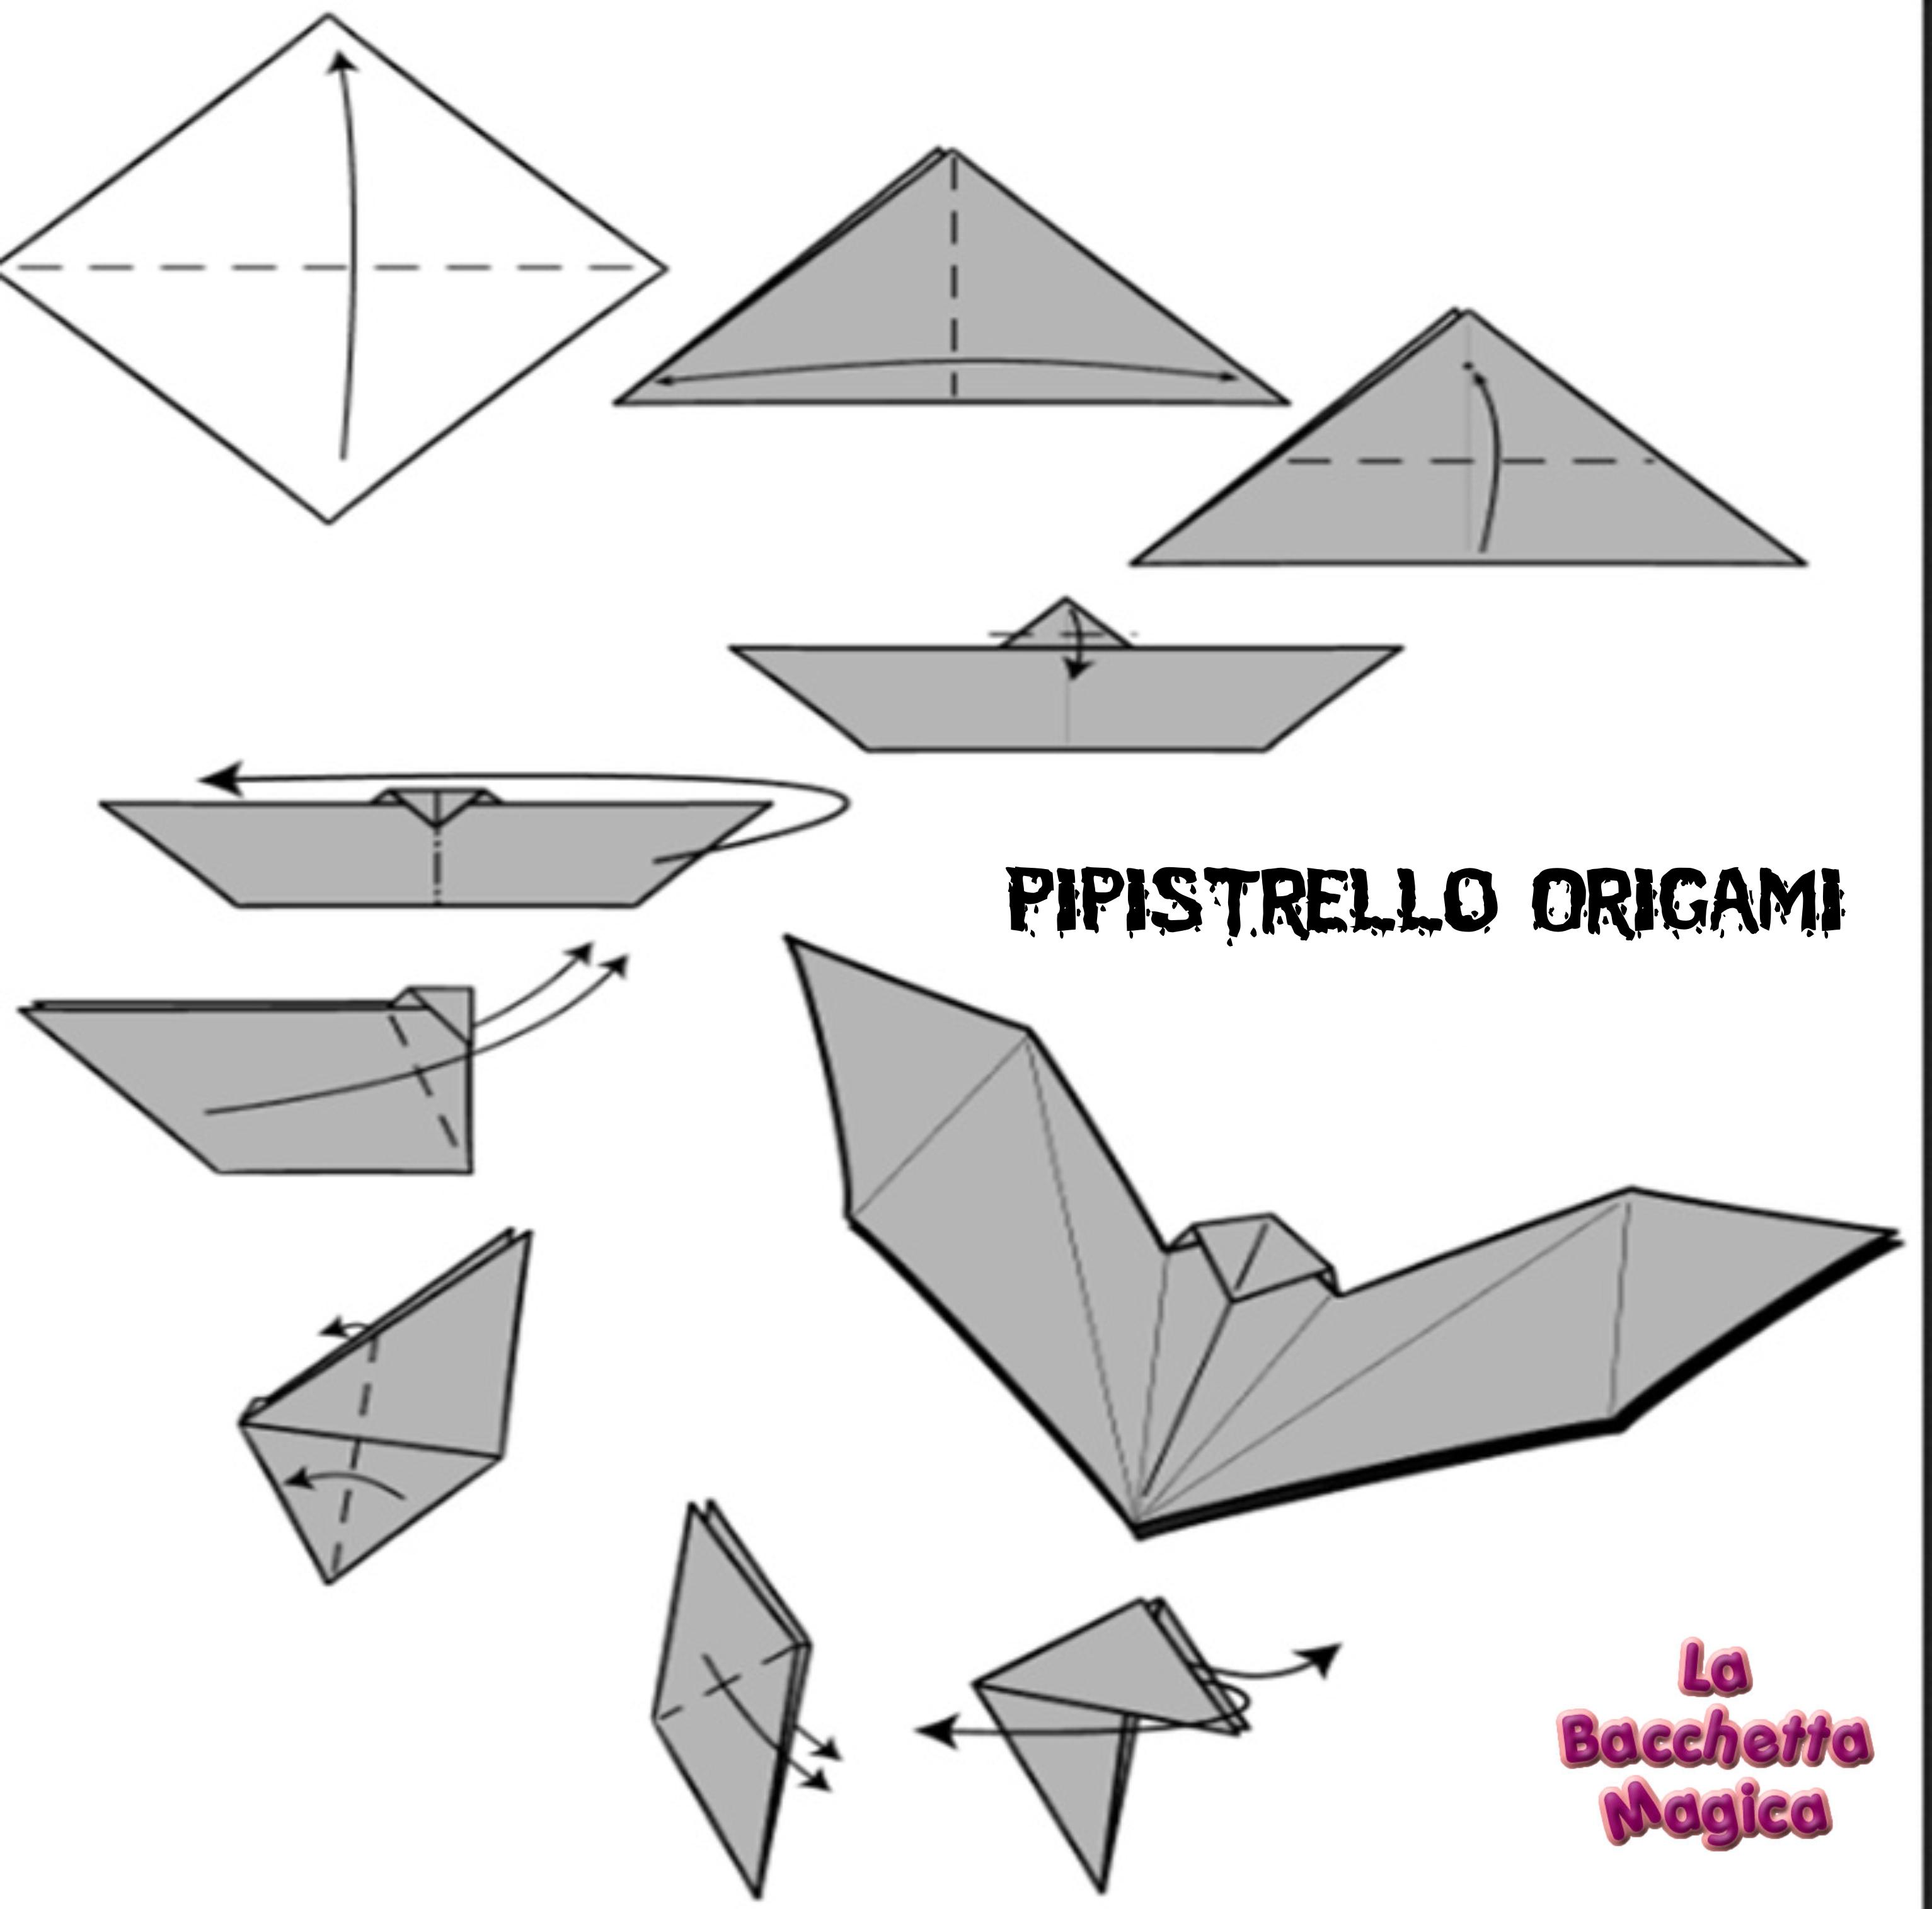 origami pipistrello la bacchetta magica mk4 gli fuse box 2013 gli fuse box